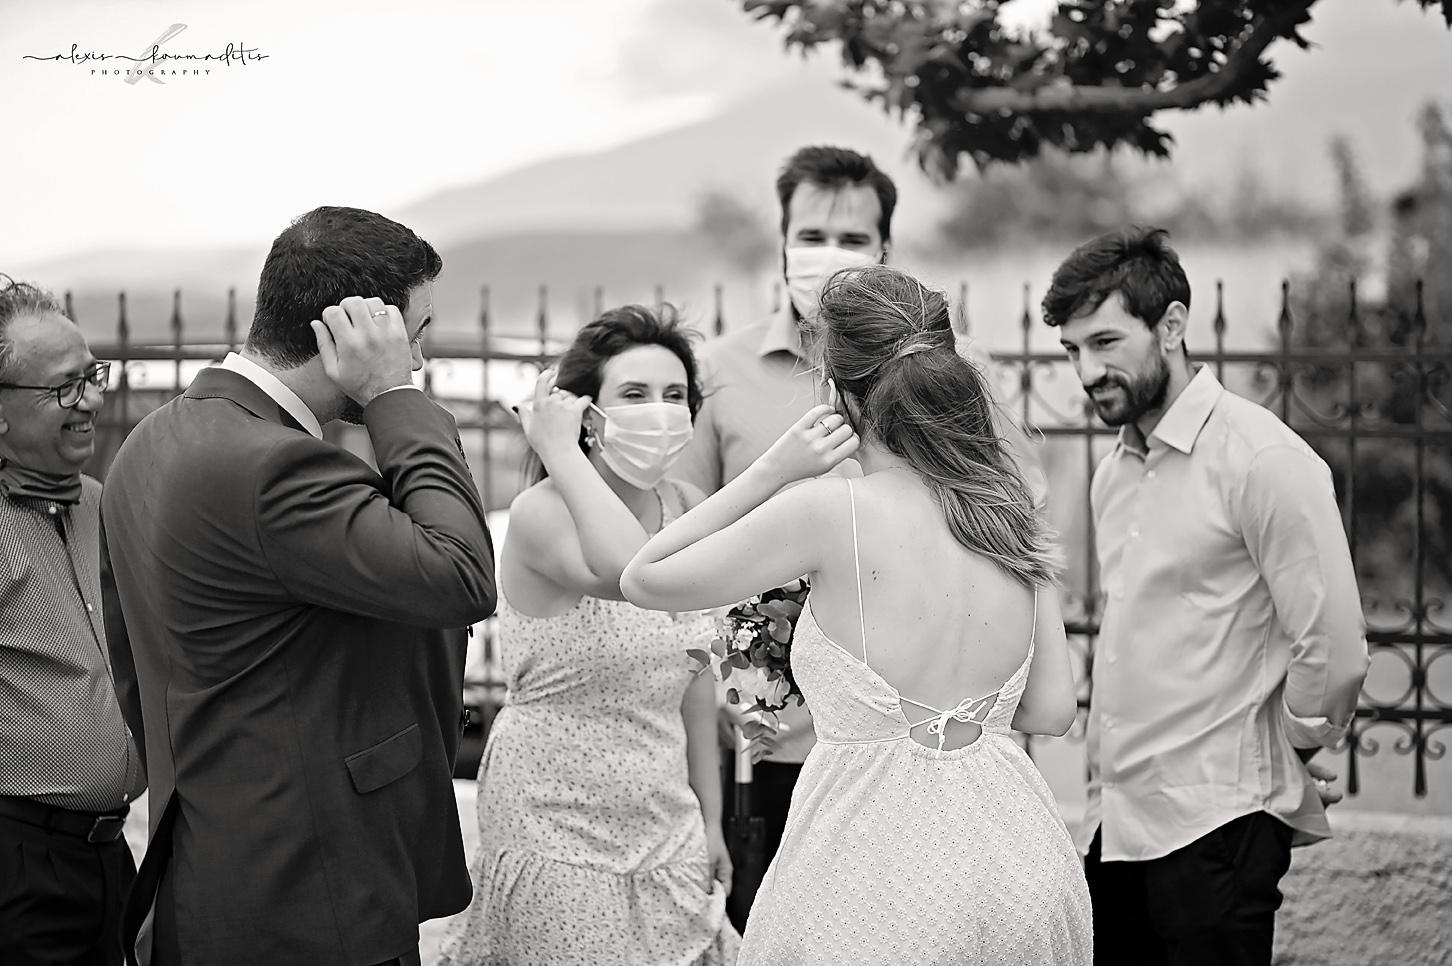 wedding- photography- θεσσαλια-λαρισα-φωτογραφια-γαμου-alexis-koumaditis-02